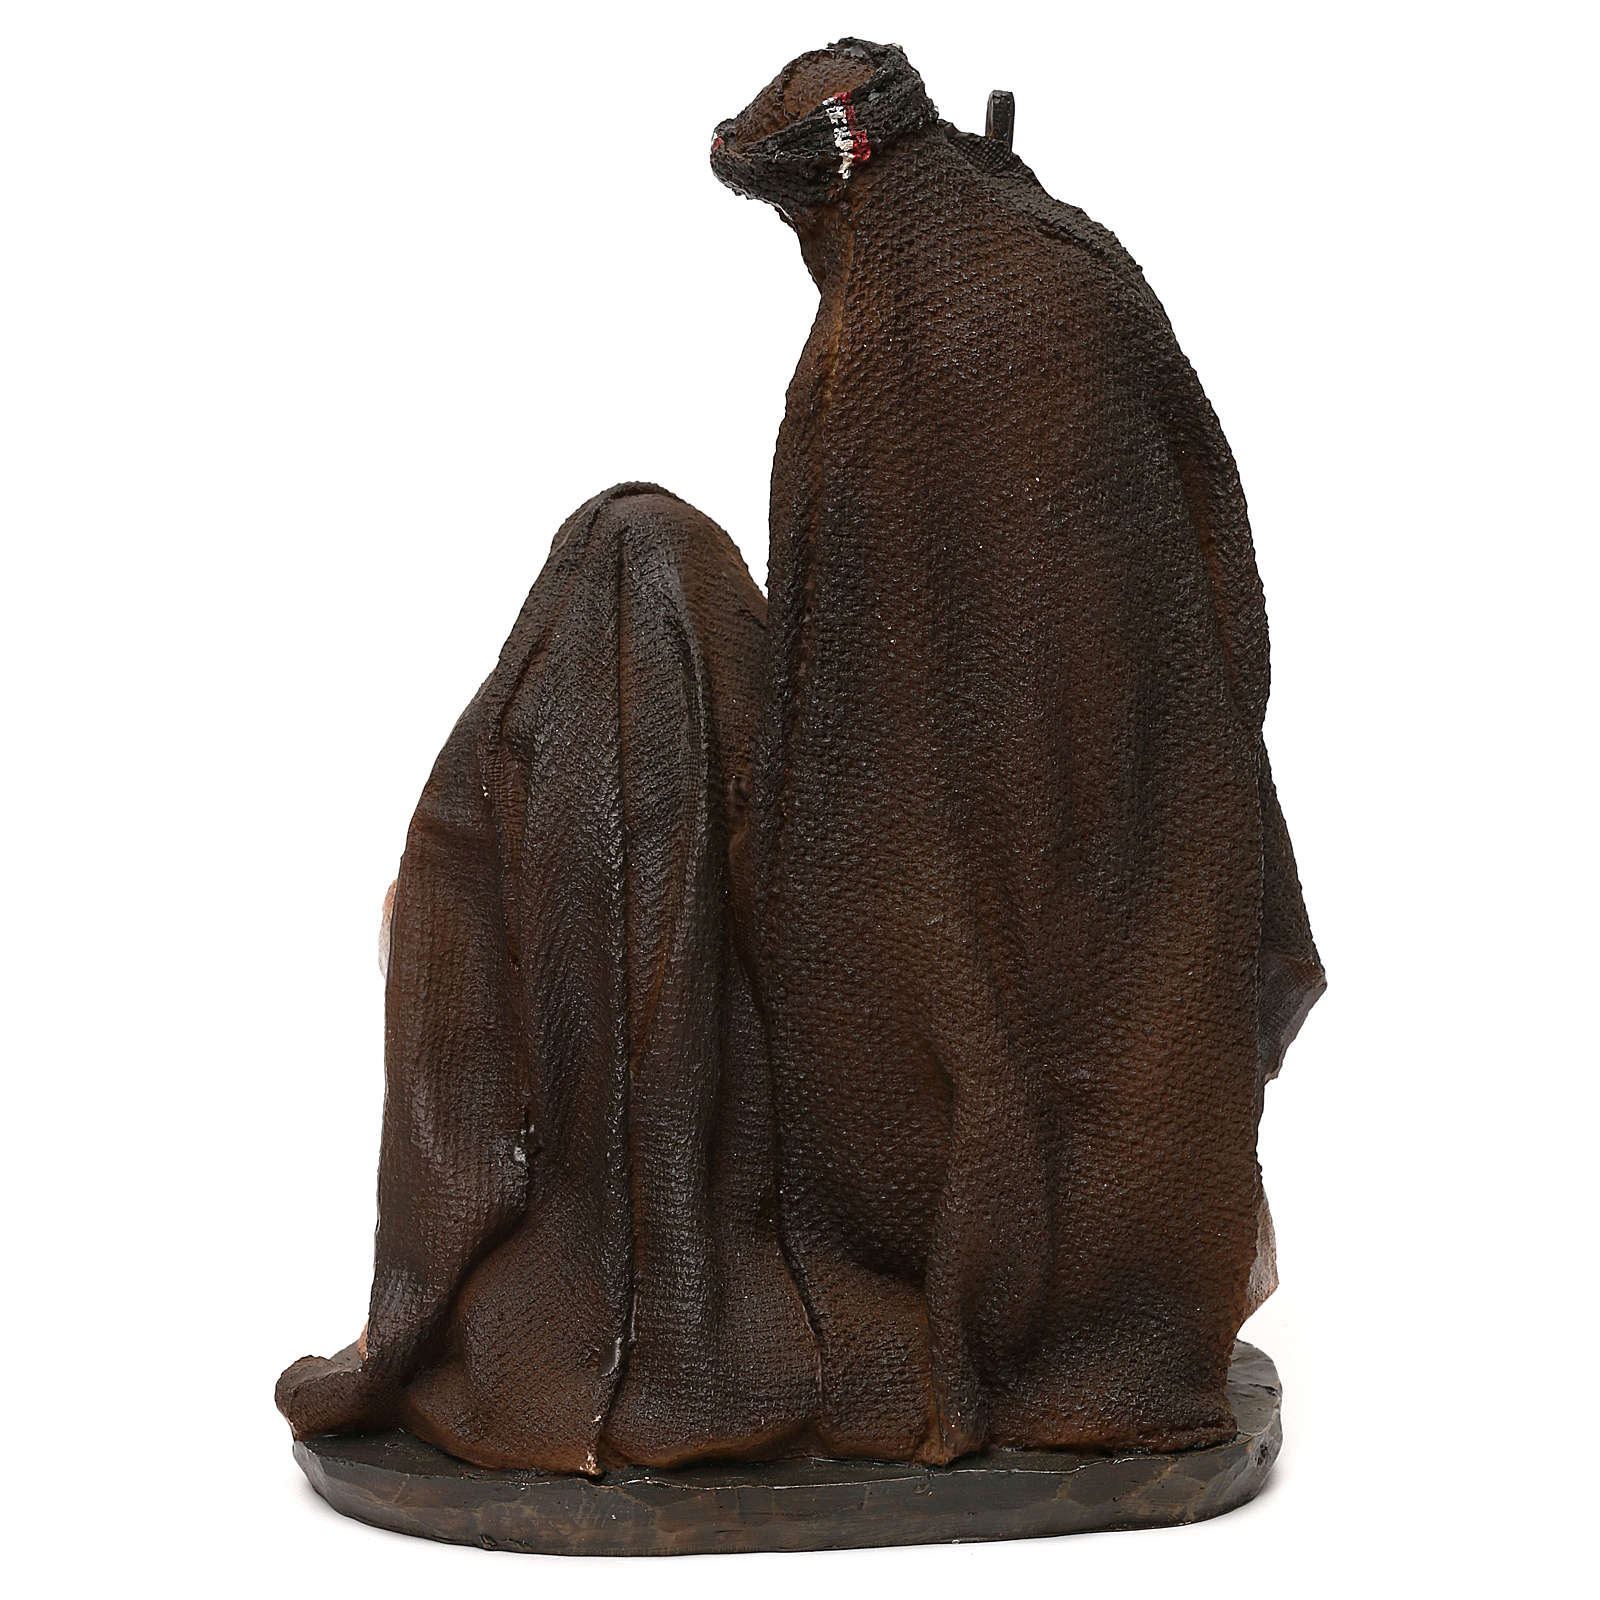 Natividade em resina roupas cor de pêssego e champanhe para presépio com figuras de 19 cm de altura média 3